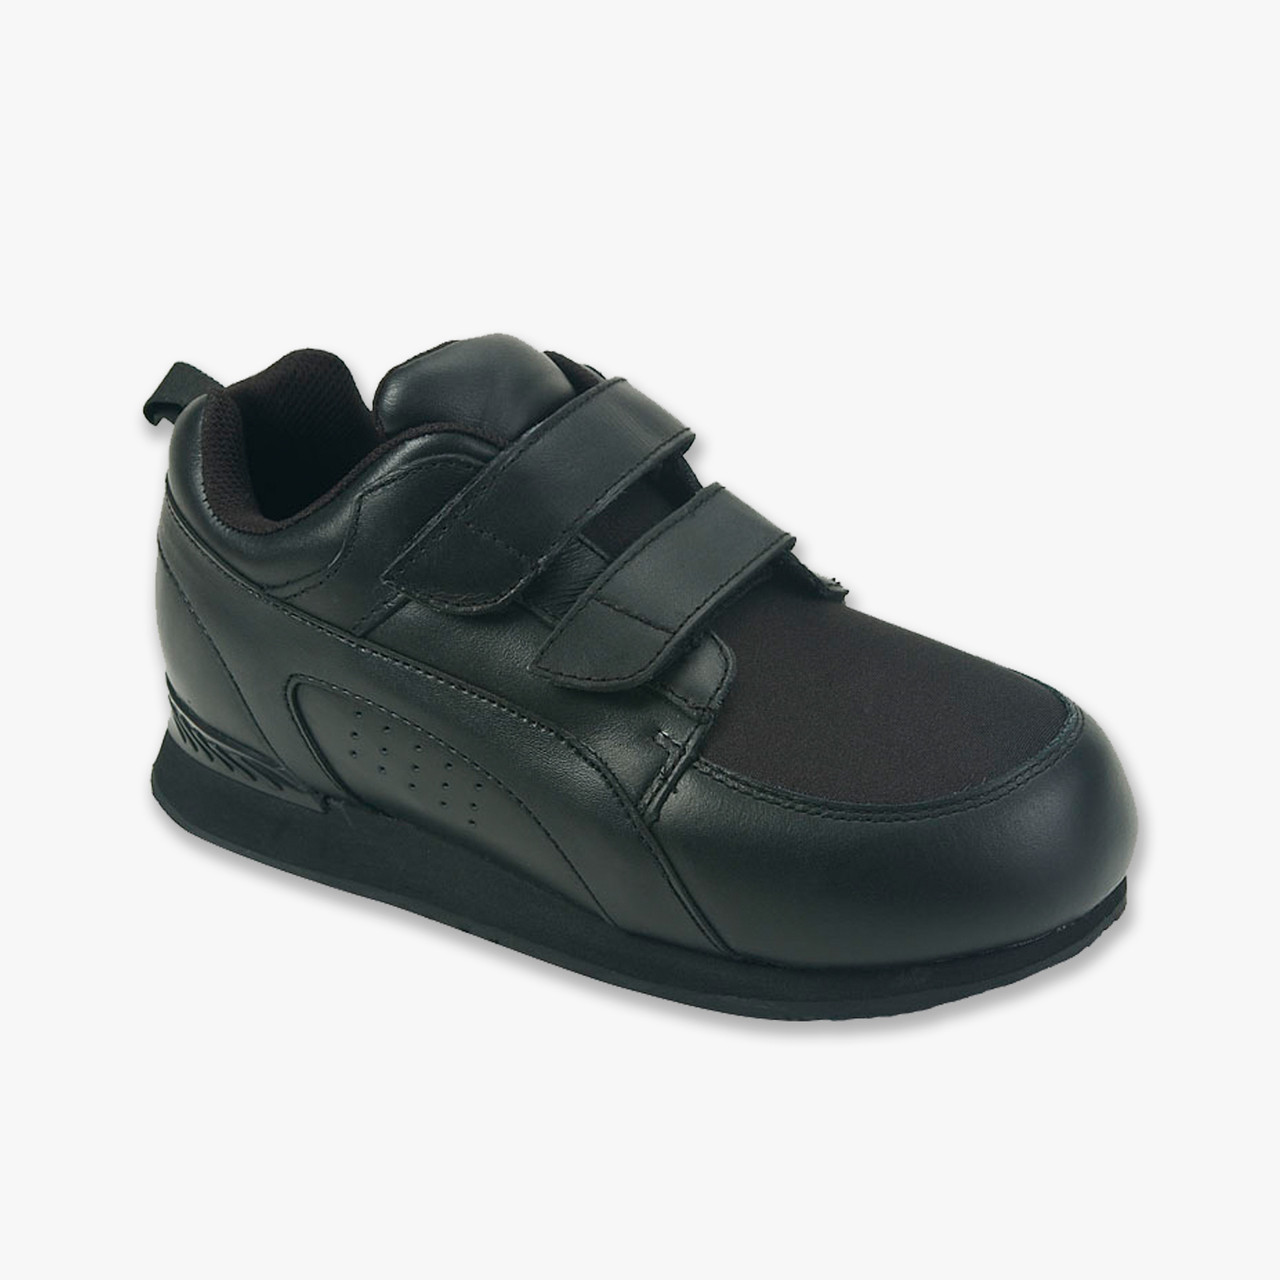 929c287a 800 Stretch Walker Black Touch Closure Zapatos Diabética Y Ortopédicos